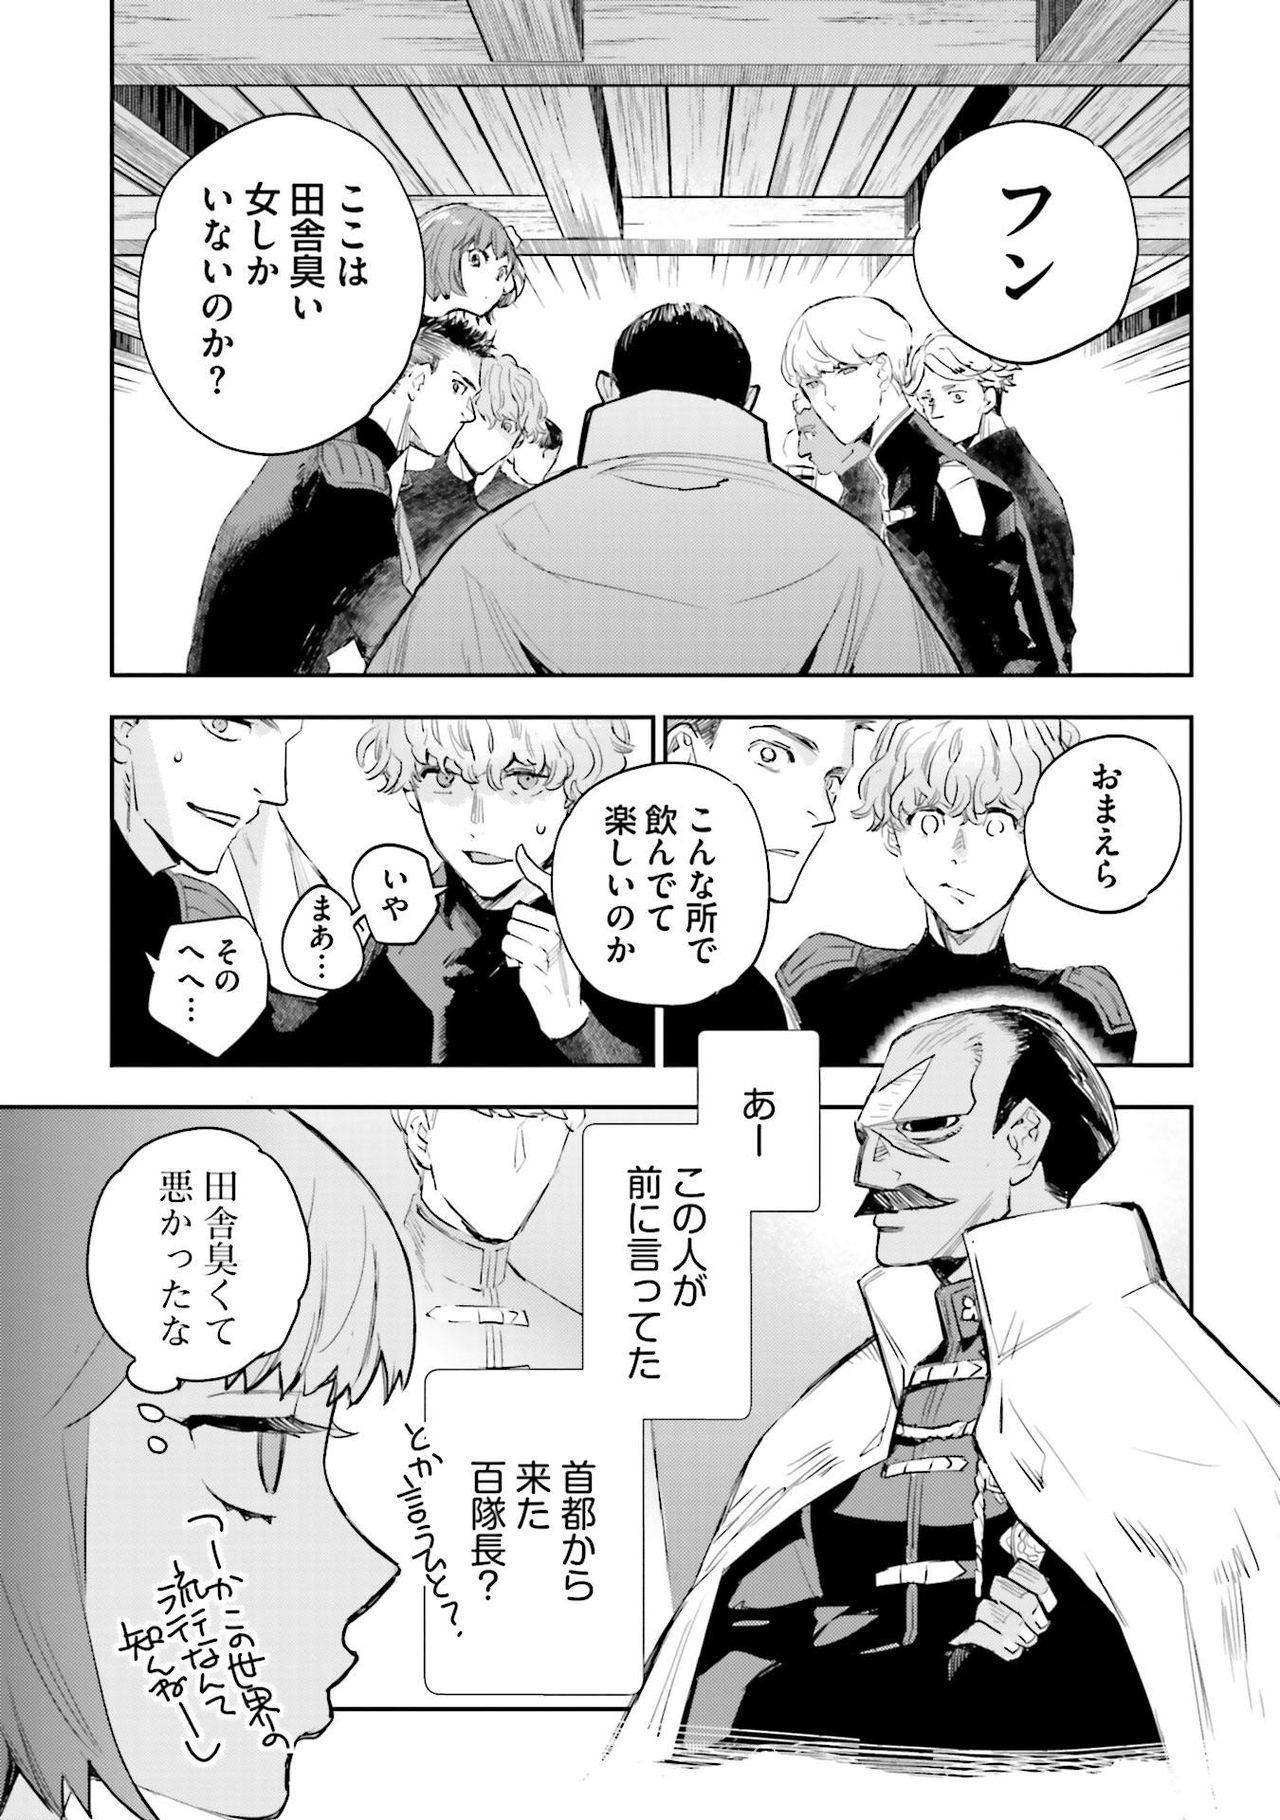 JK Haru wa Isekai de Shoufu ni Natta 1-14 524